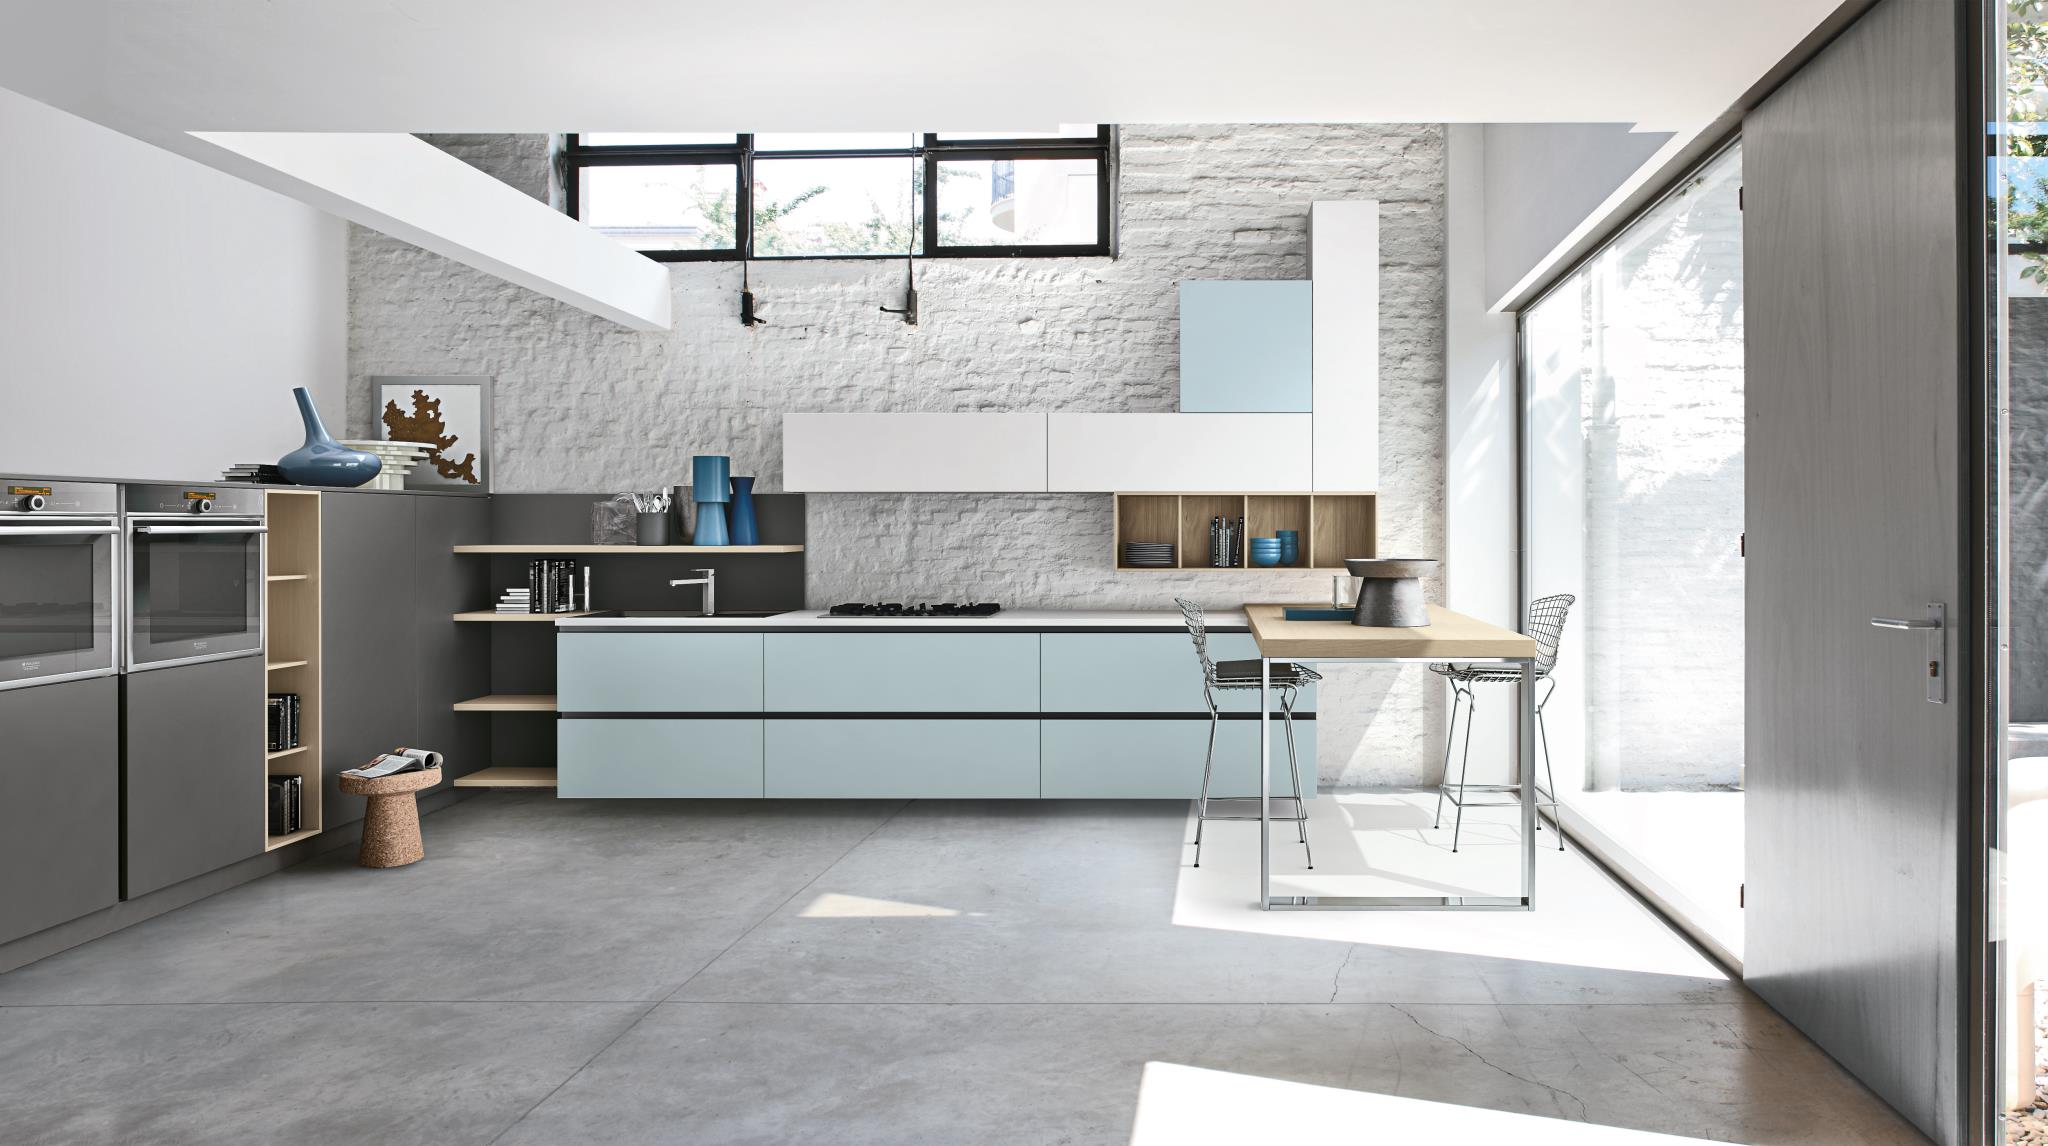 Interni d 39 autore arredamenti cucina moderna for Cucina interni moderni